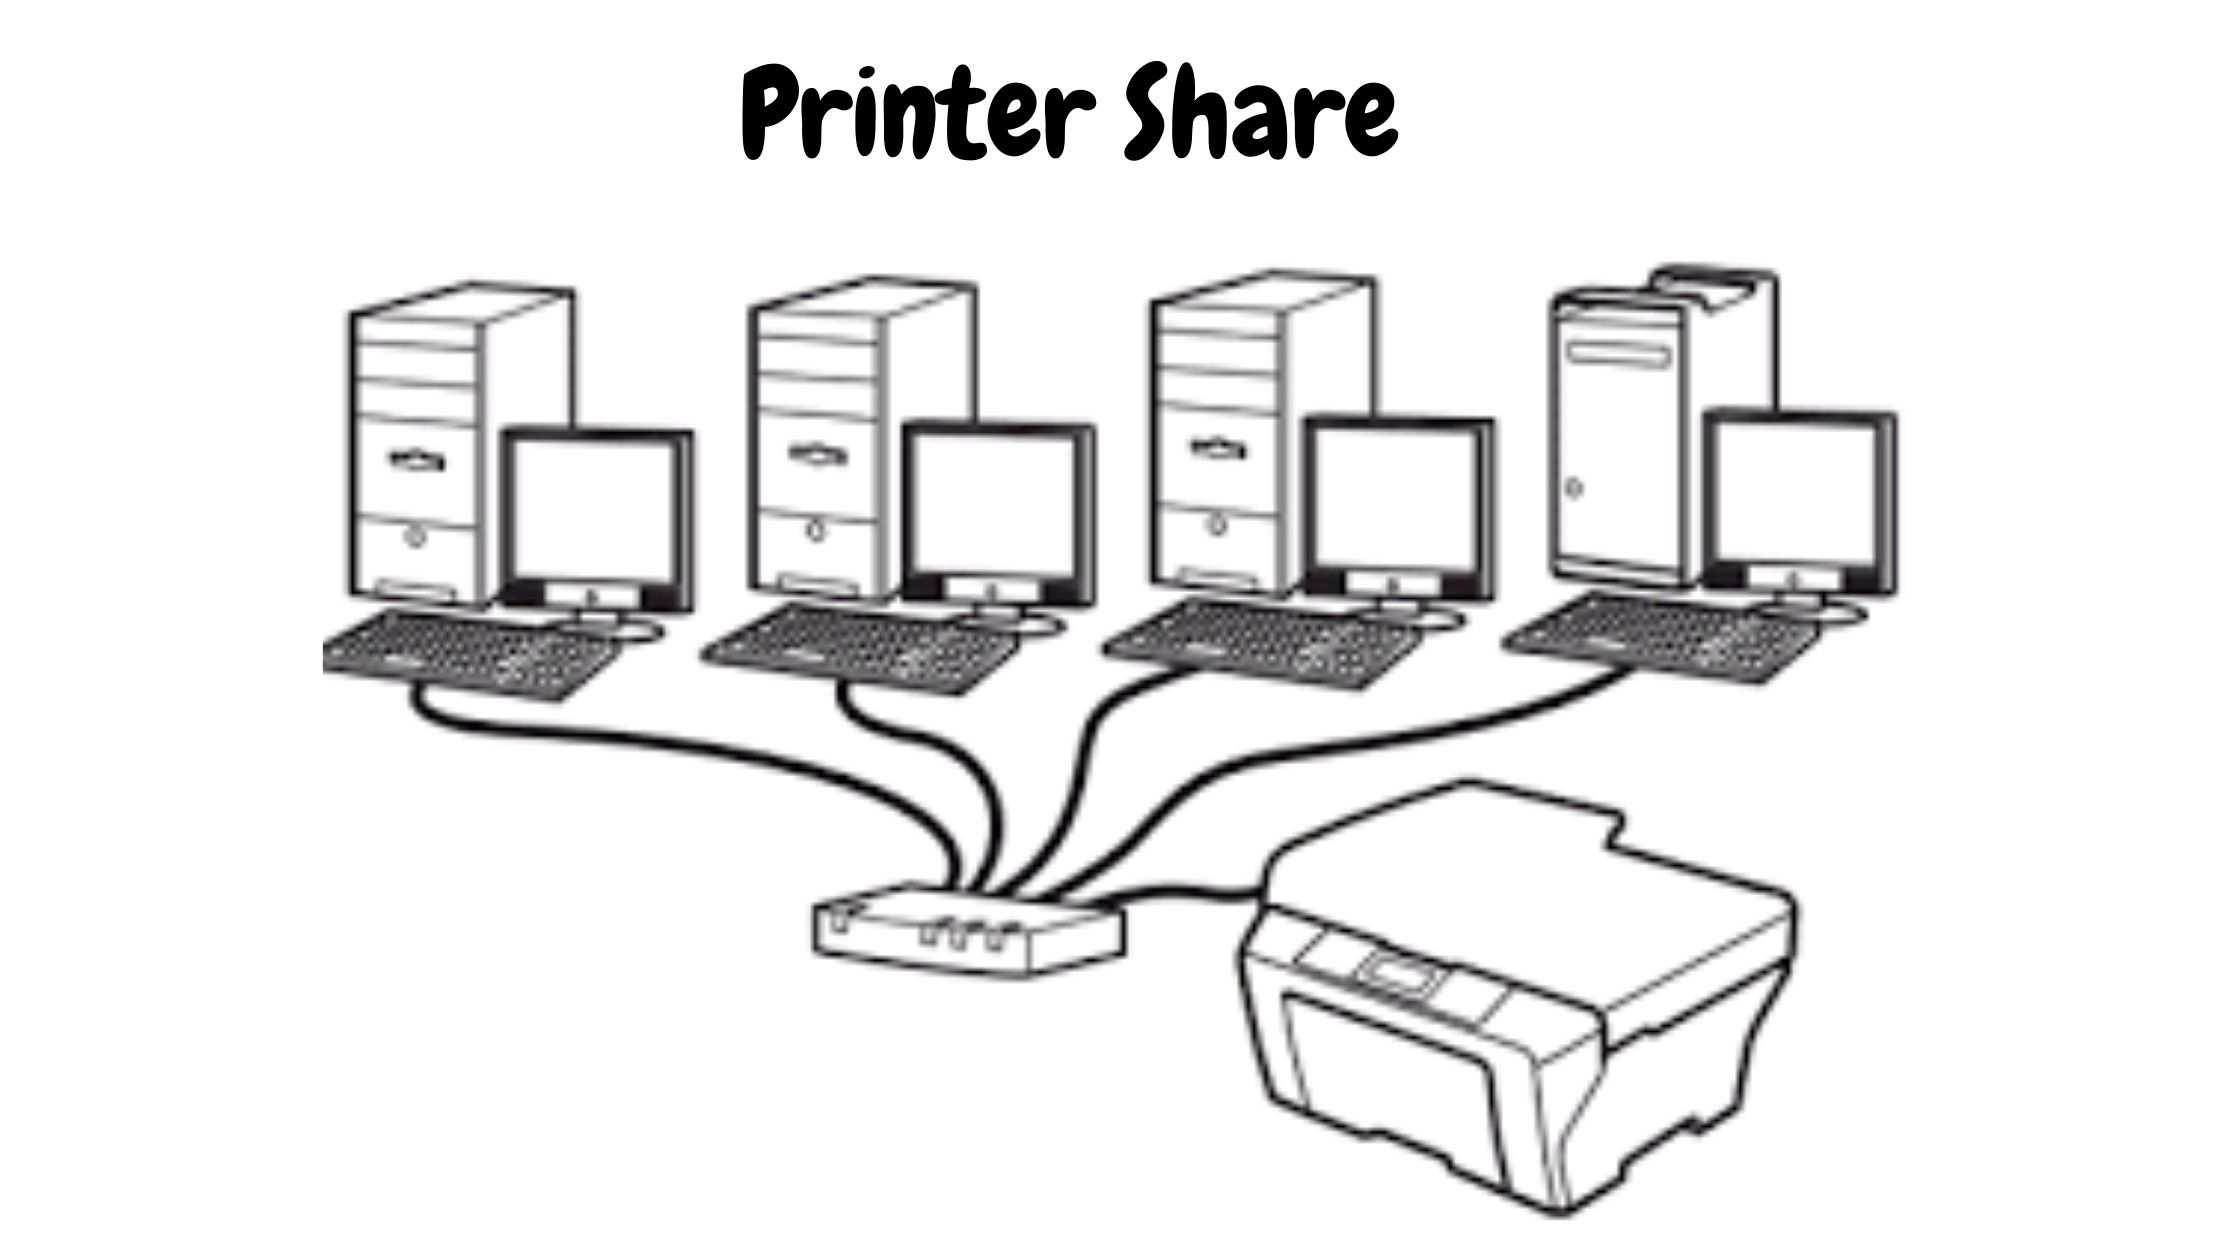 Printer को शेयर में कैसे करते है